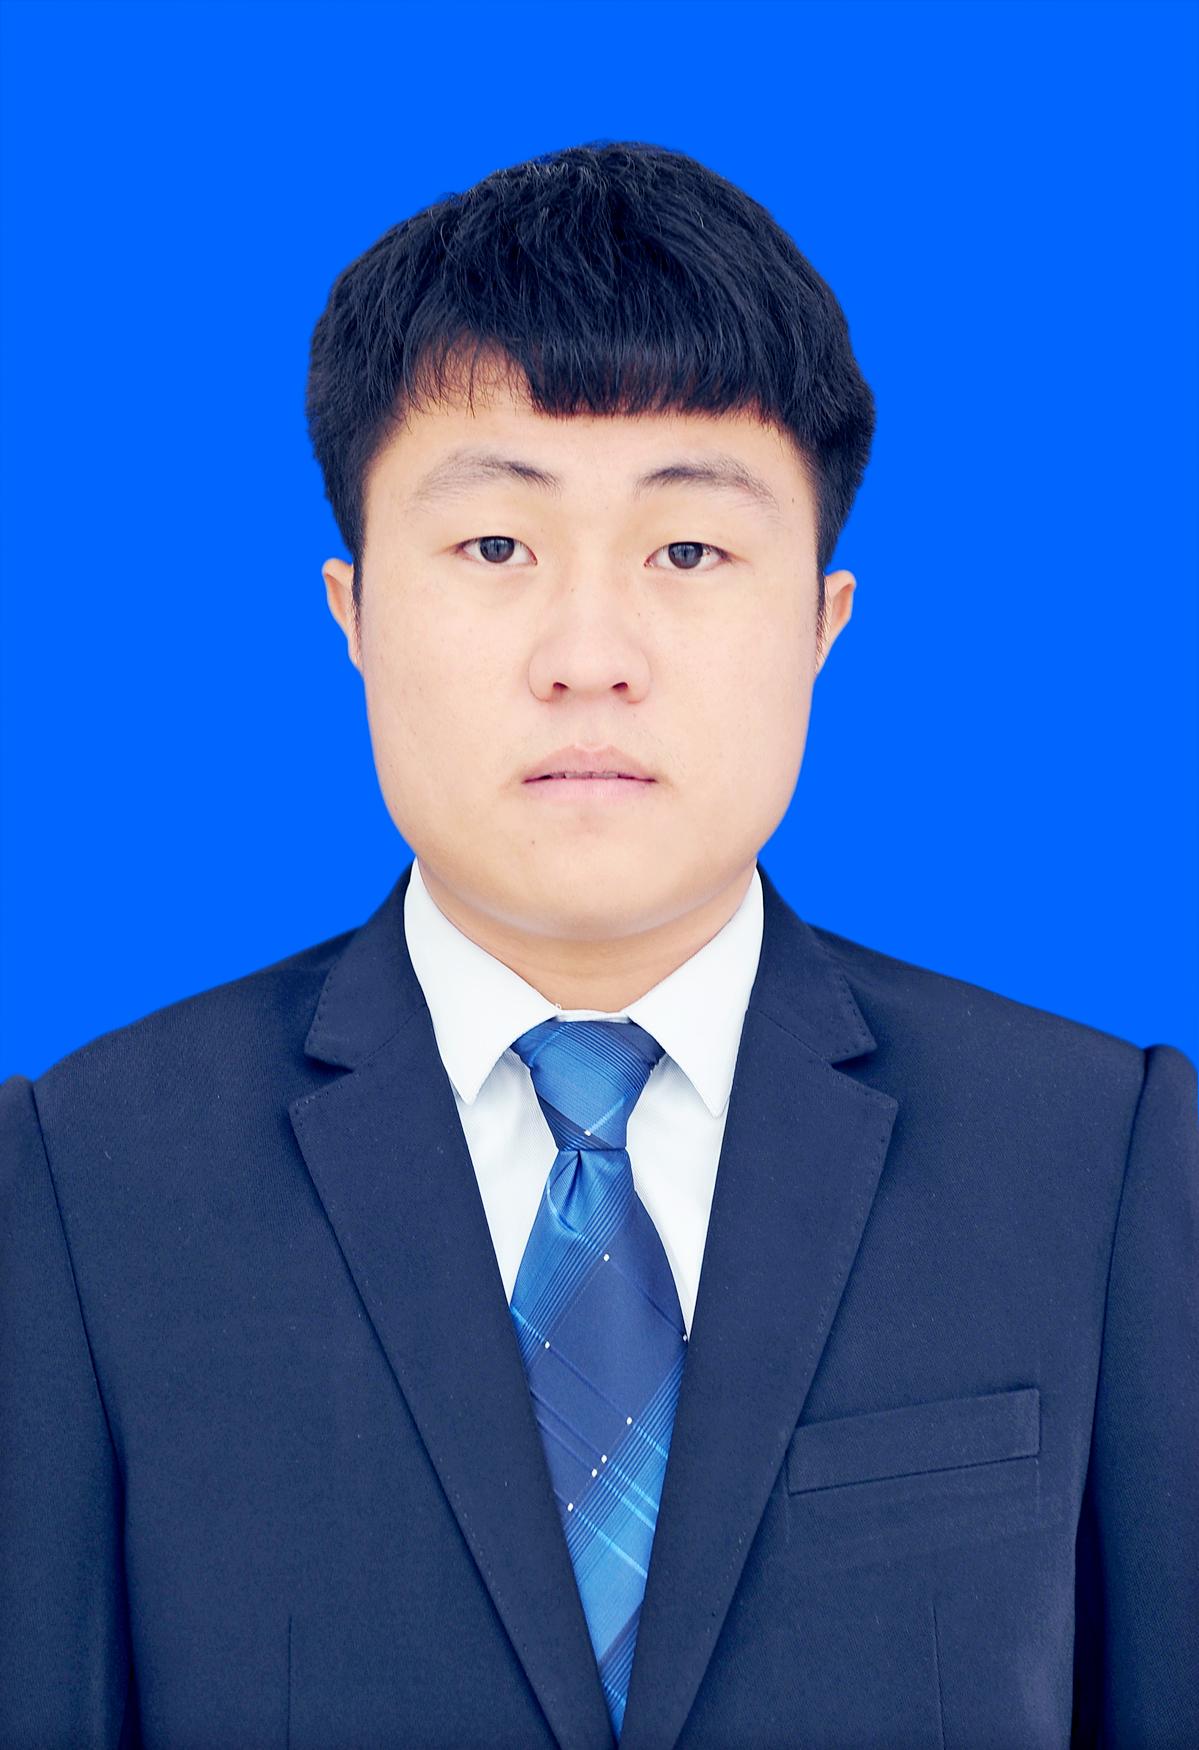 执业律师:任文涛